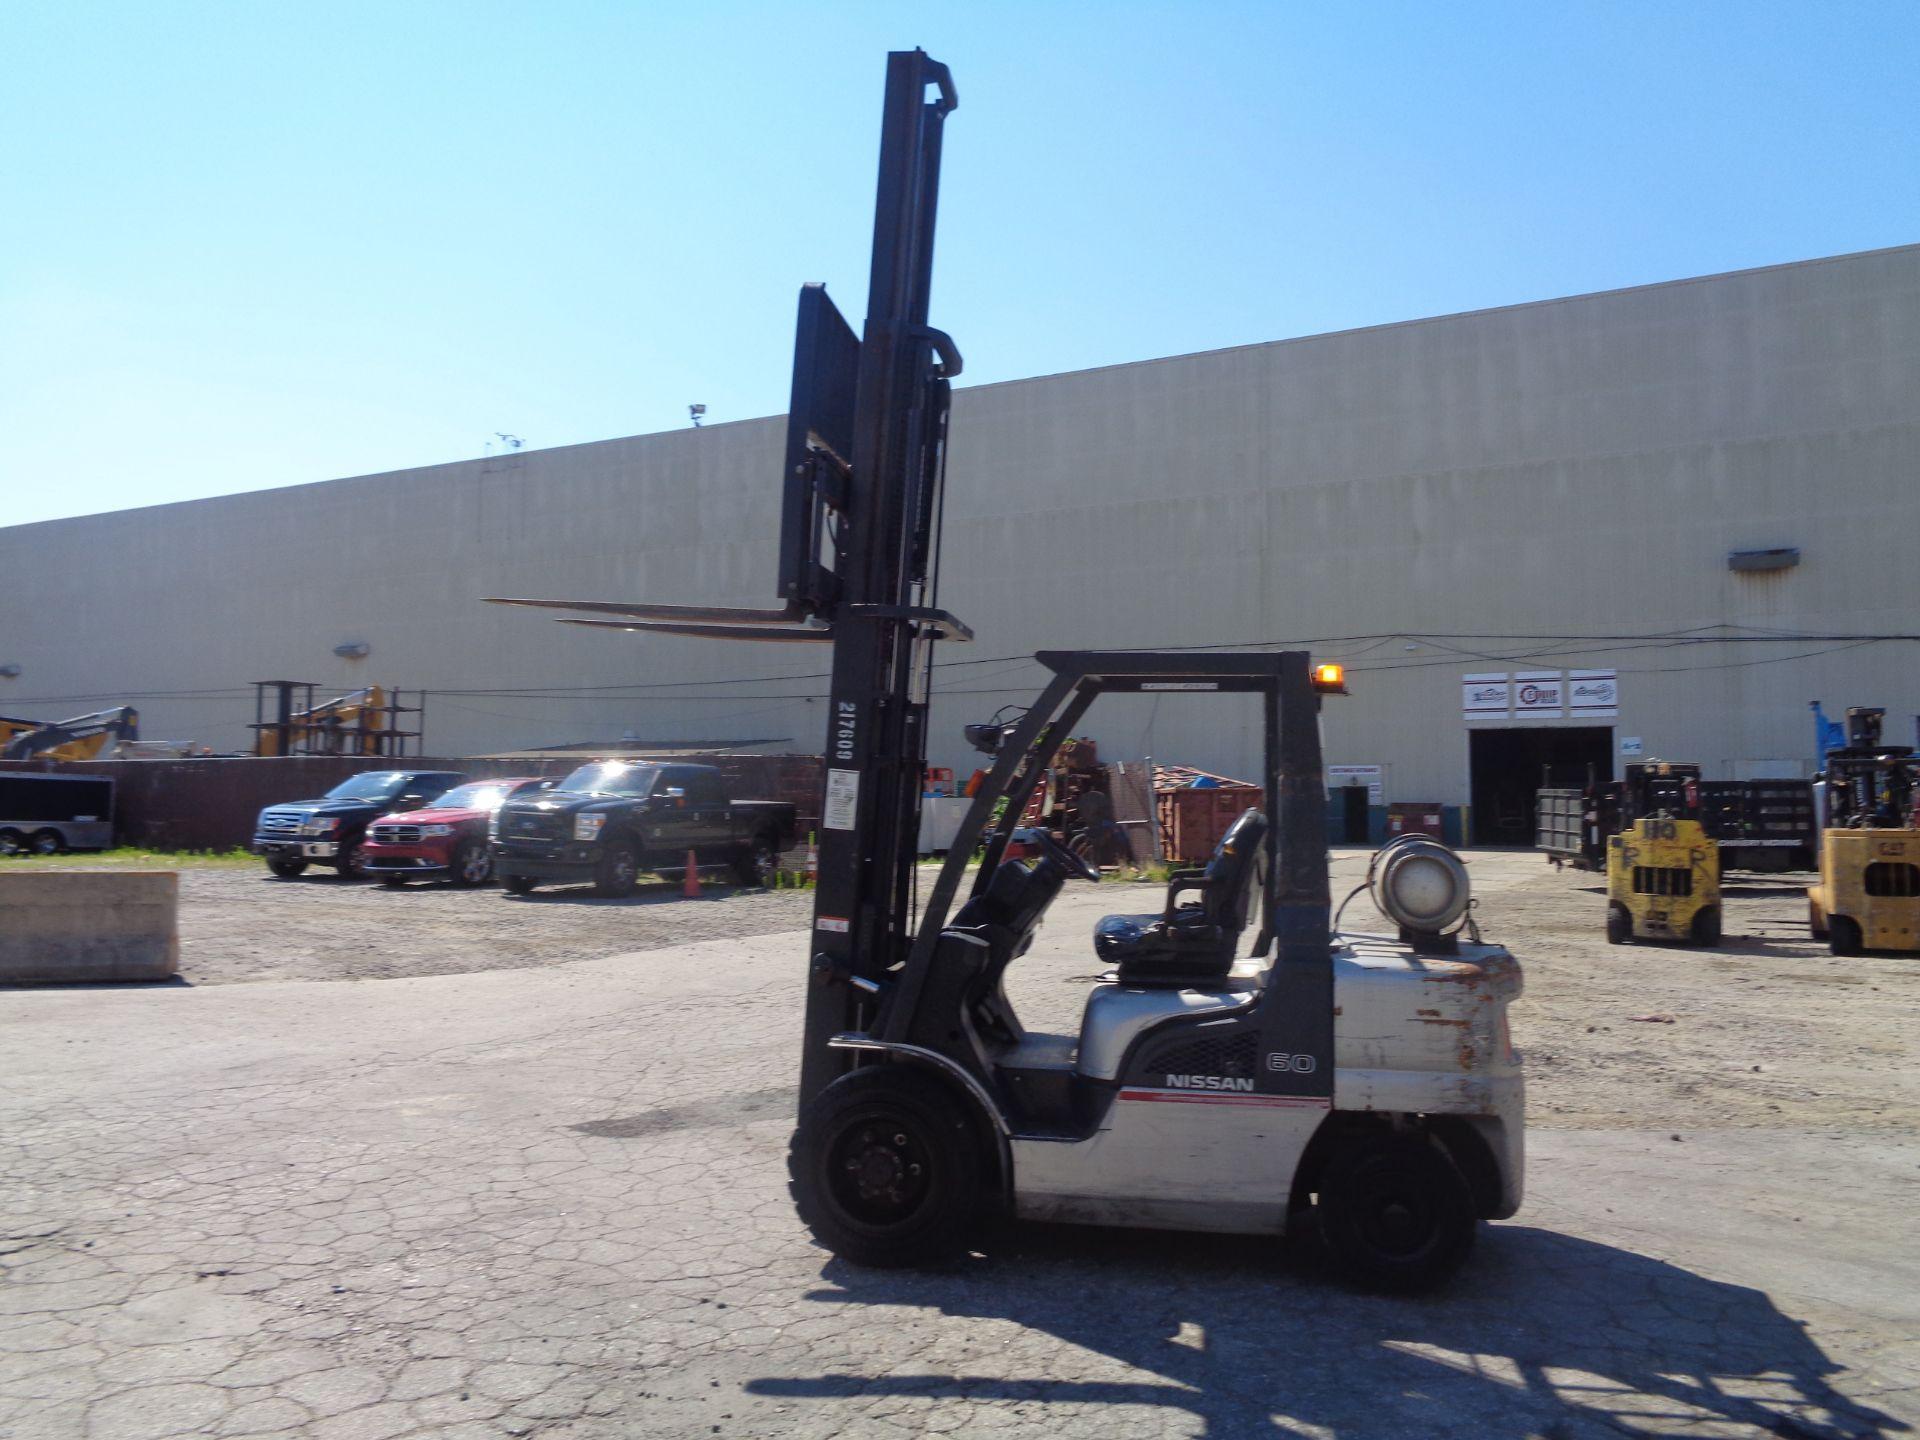 Nissan MUG1F2A30LV 6,000 lbs Forklift - Image 9 of 9